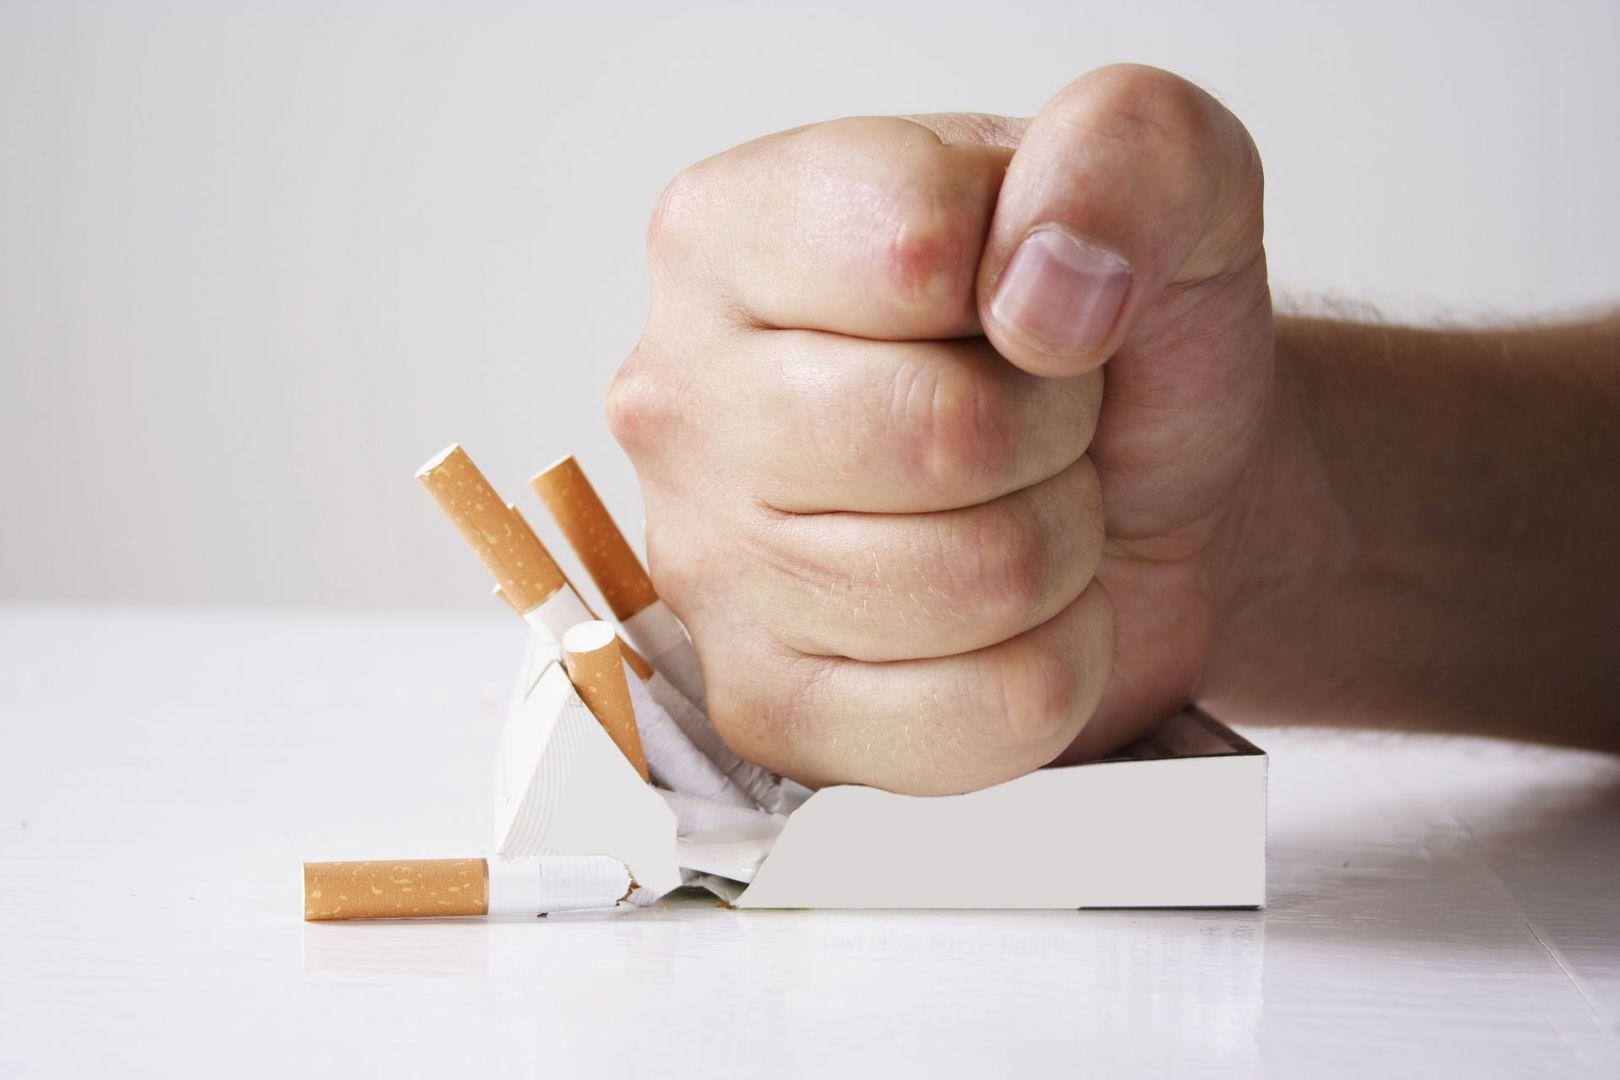 Онкологи рассказали, как просто бросить курить